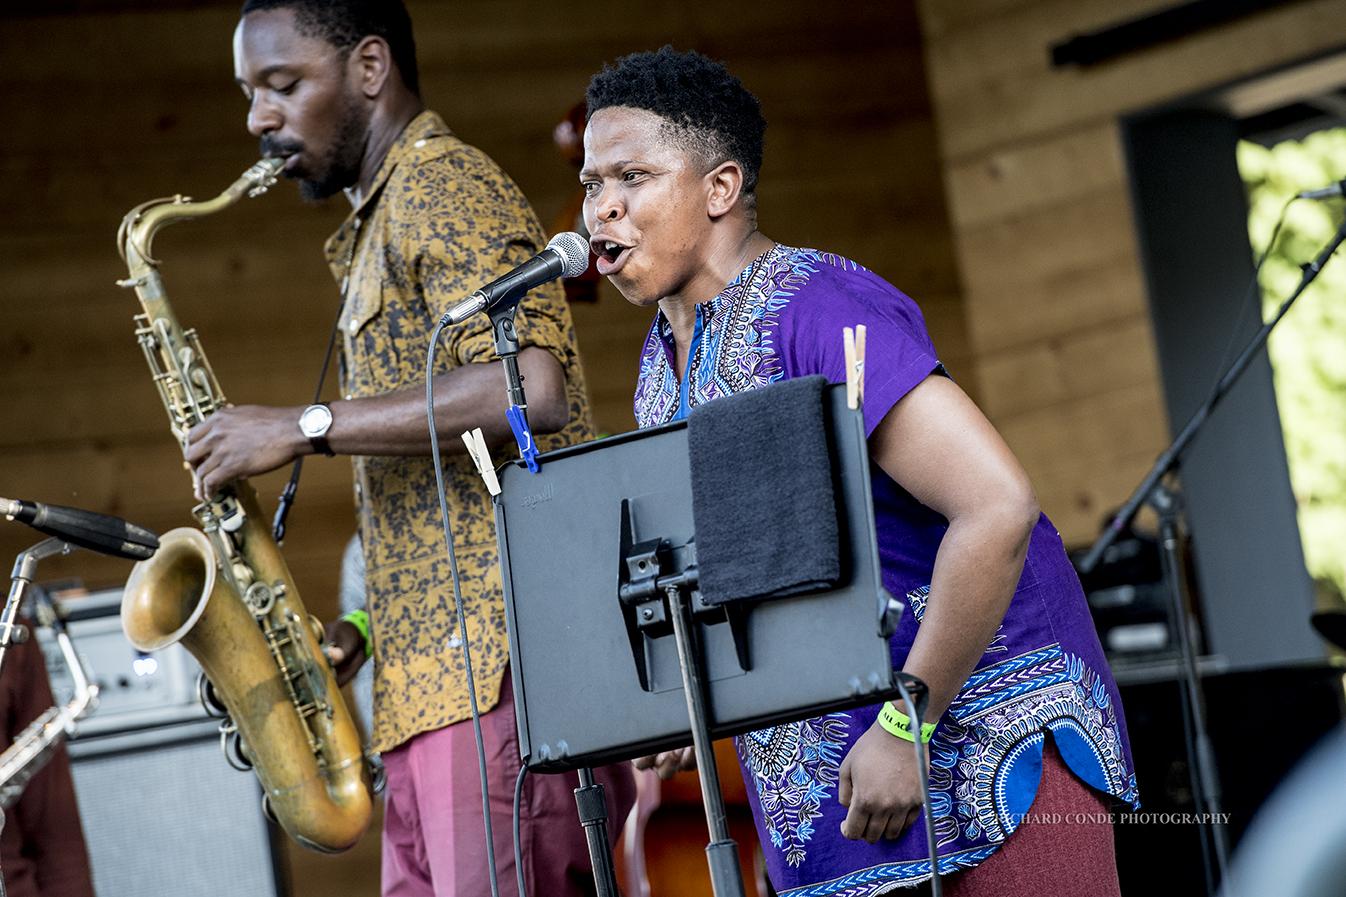 Shabaka and The Ancestors at the Freihofer Saratoga Jazz Festival 2017